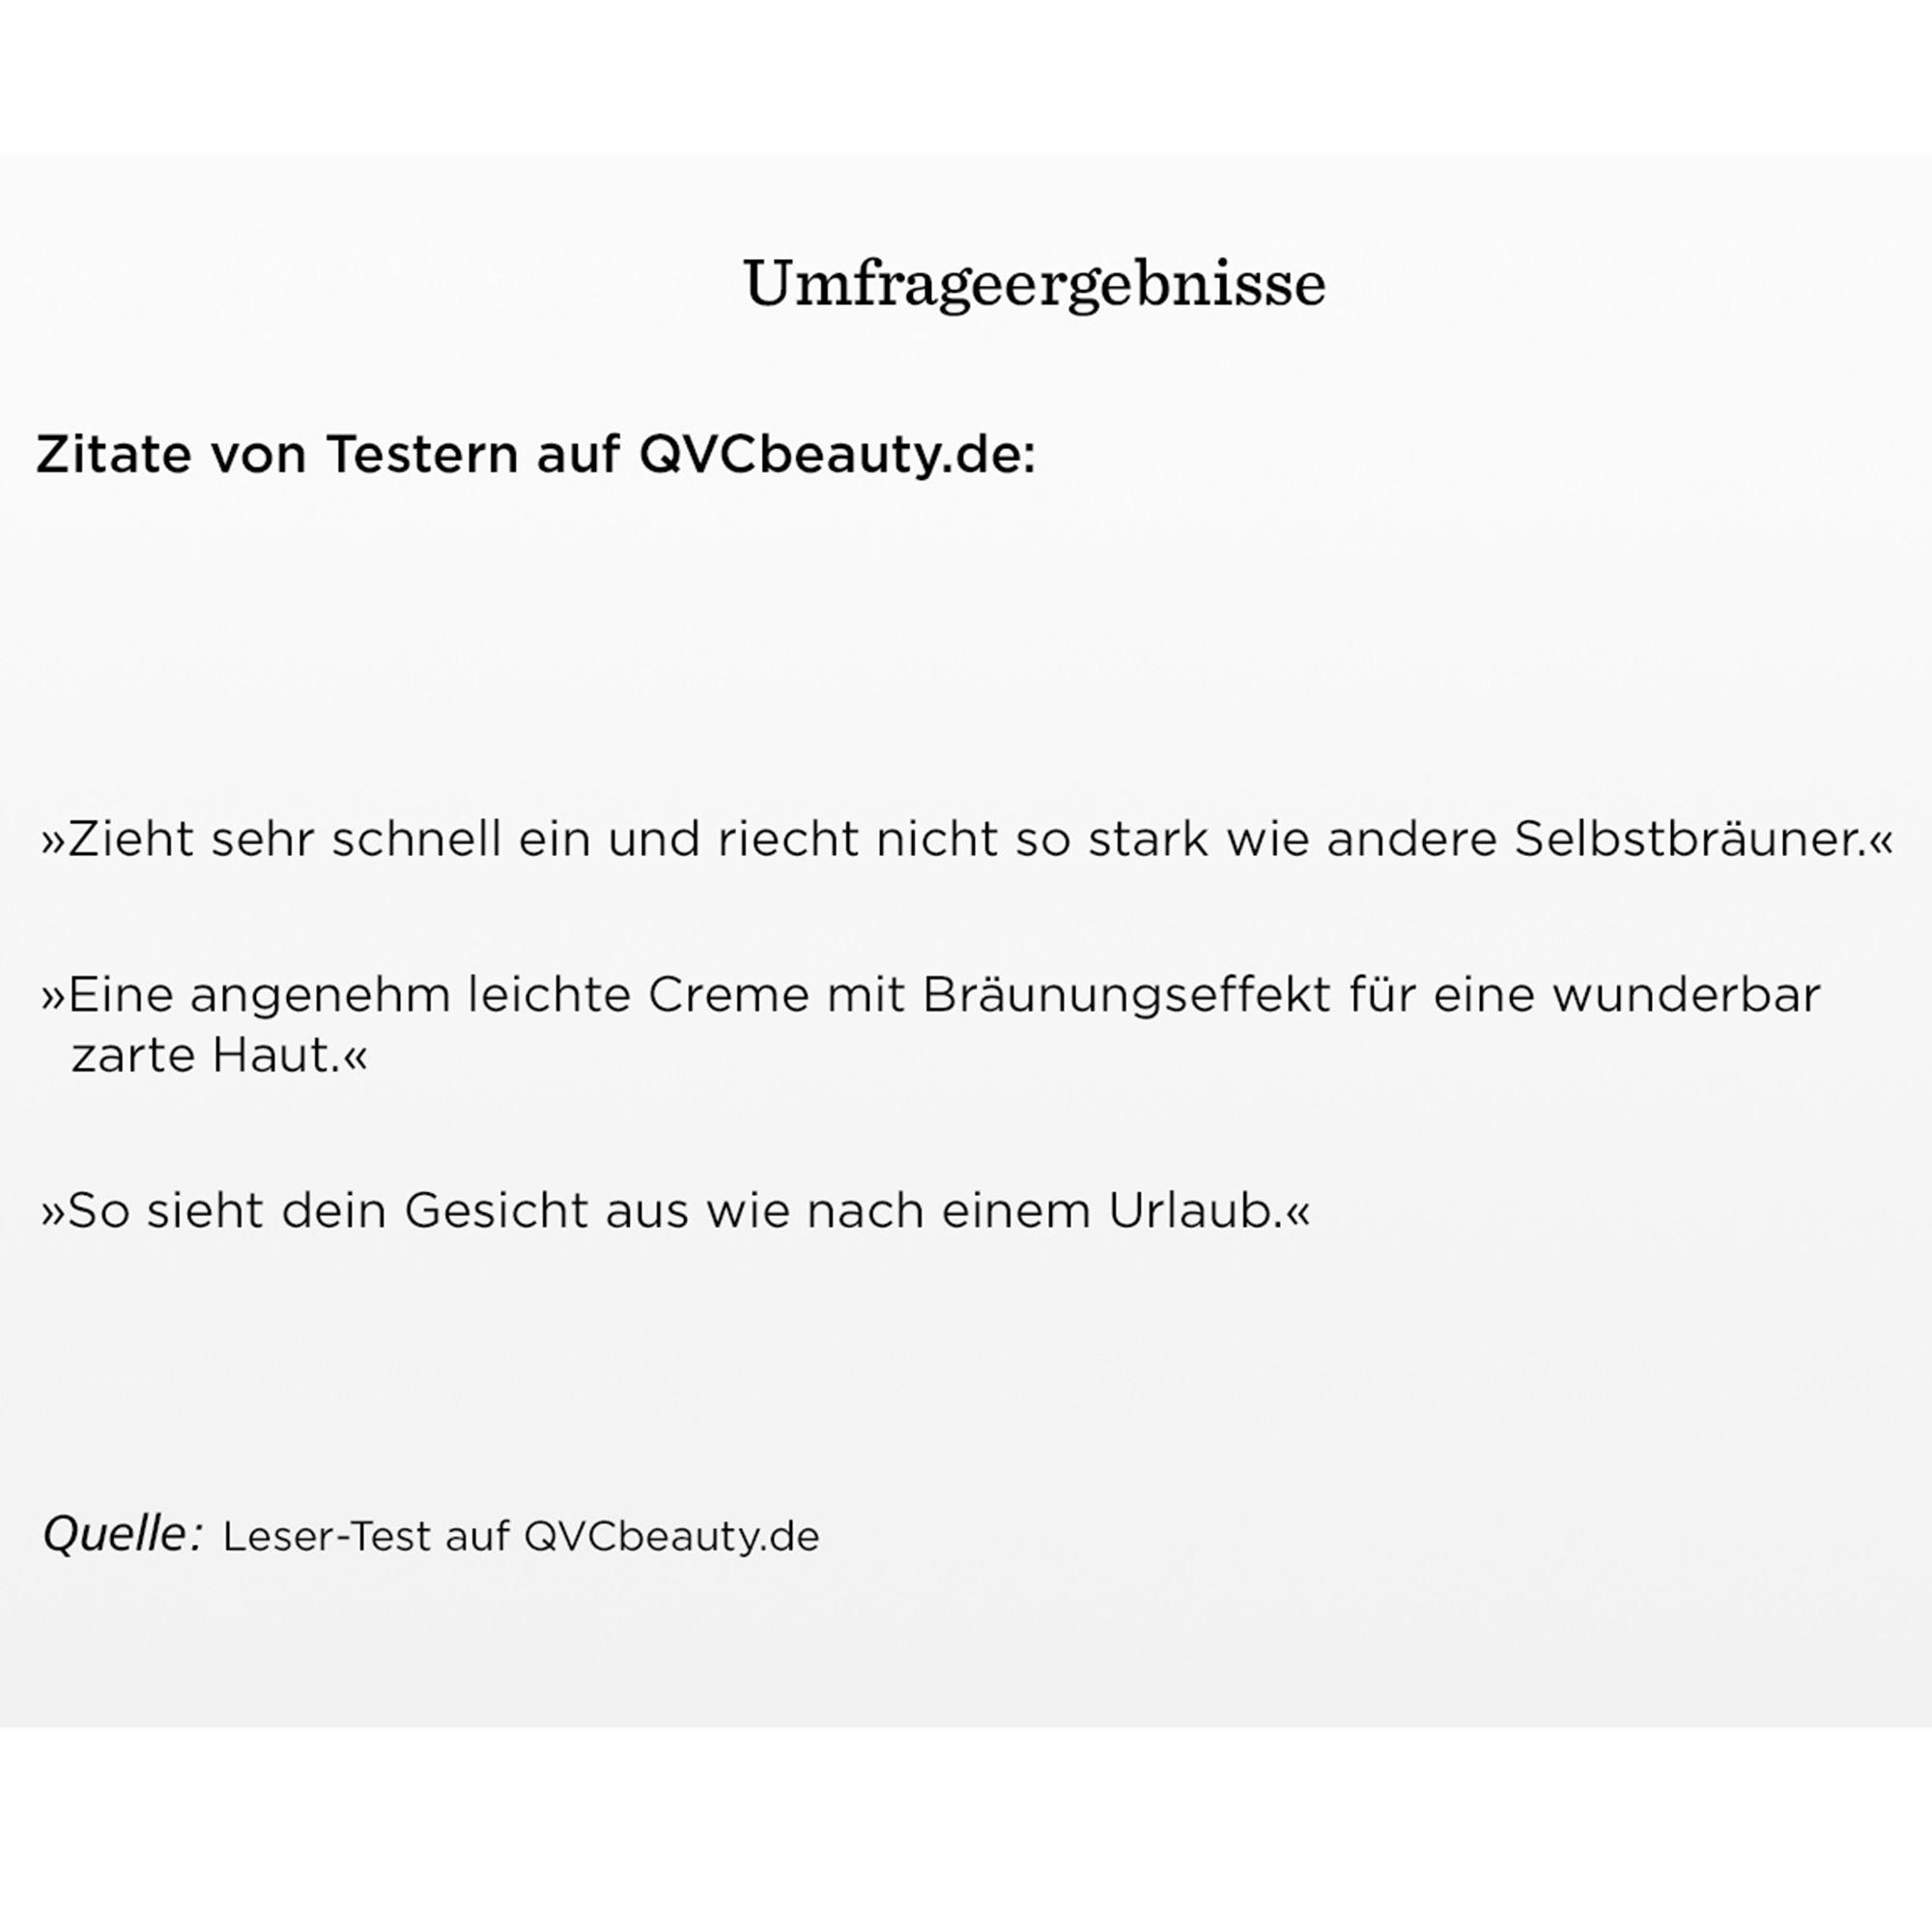 Ausgezeichnet Obiee Tester Probe Fortsetzen Galerie - Entry Level ...